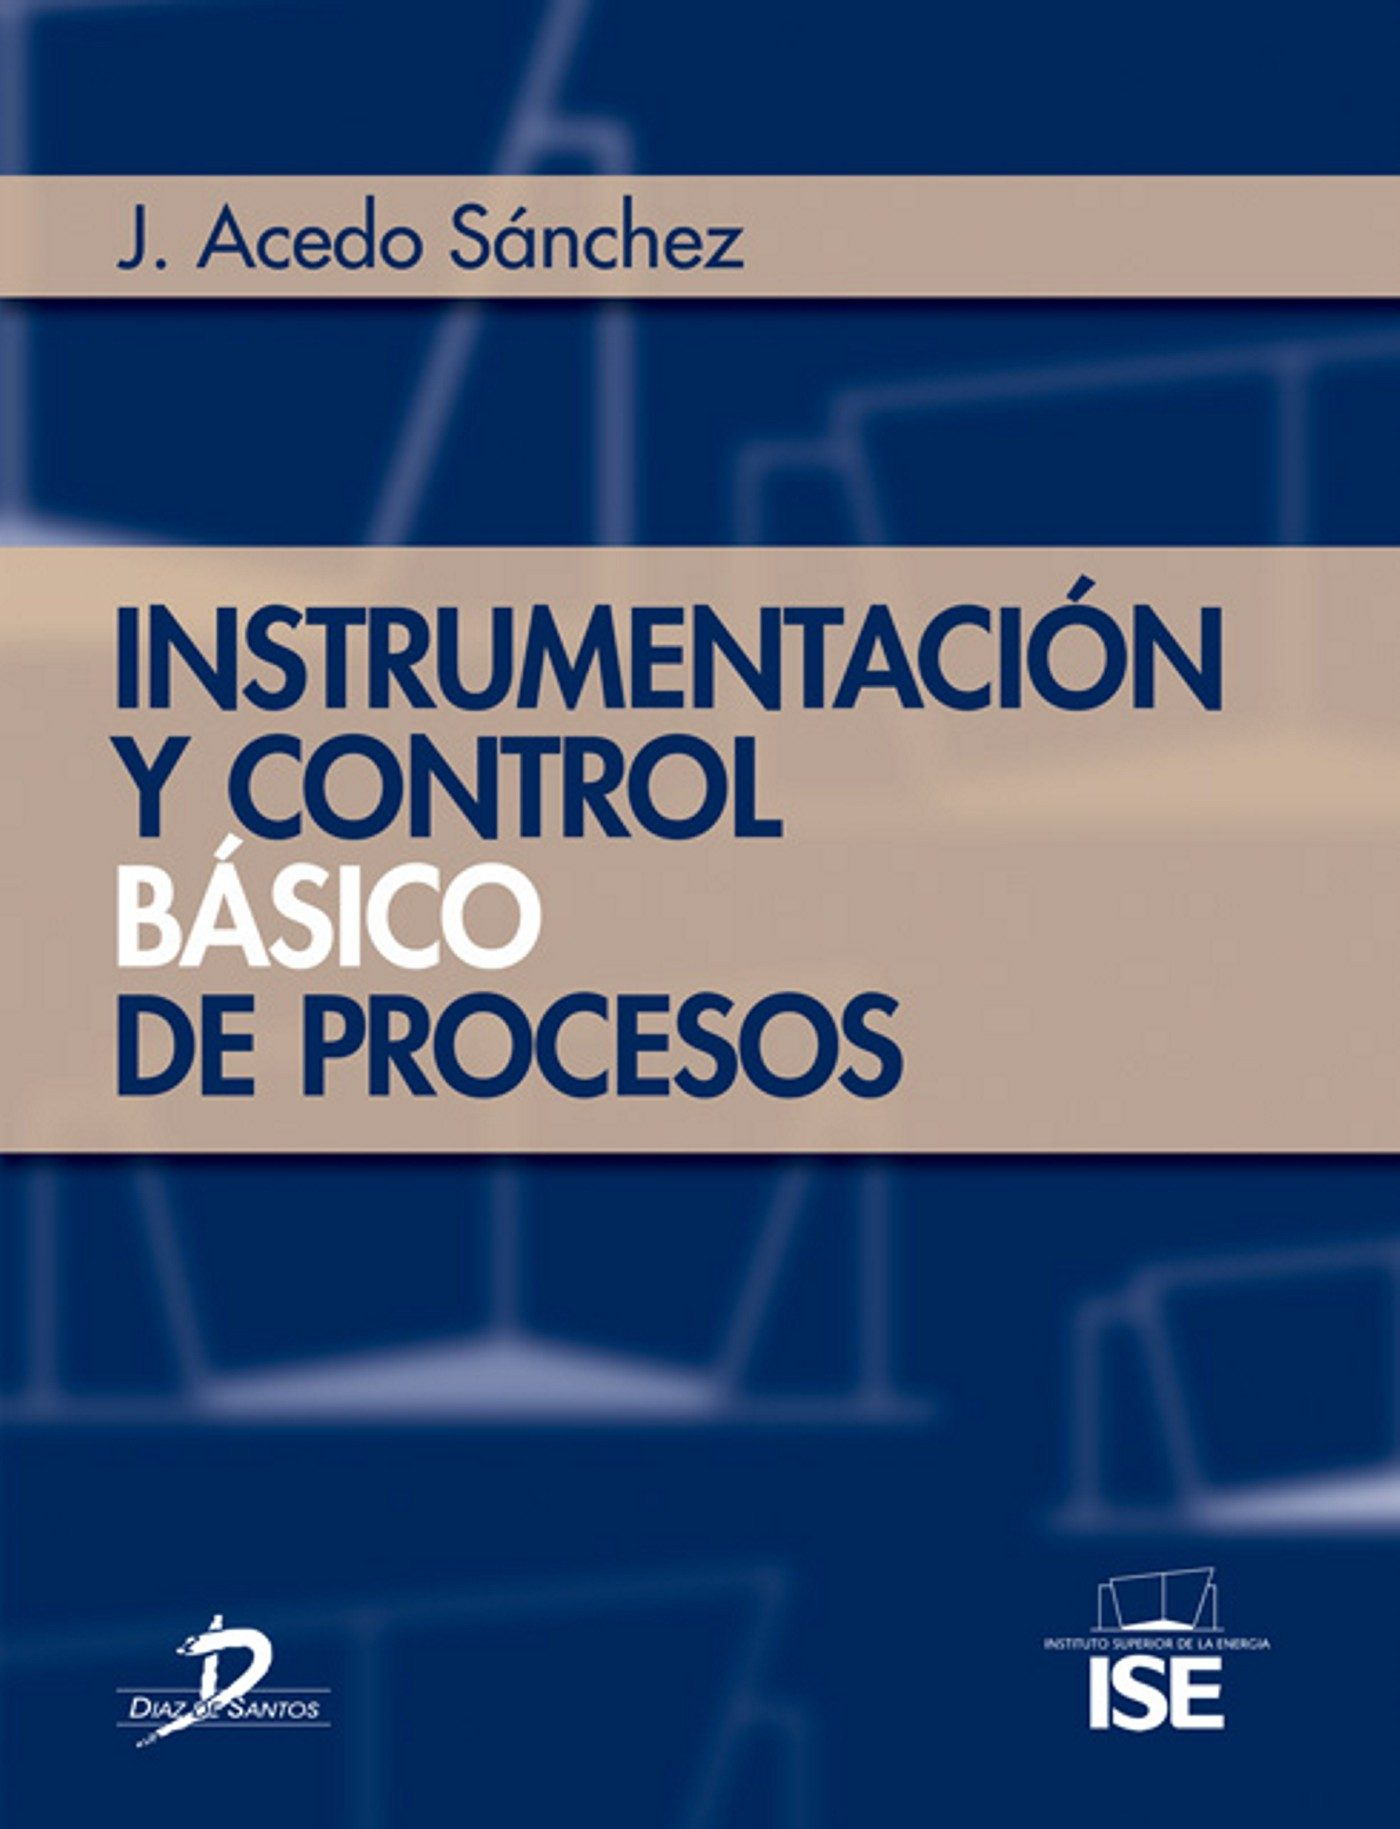 Instrumentacion y control basico de procesos pdf download